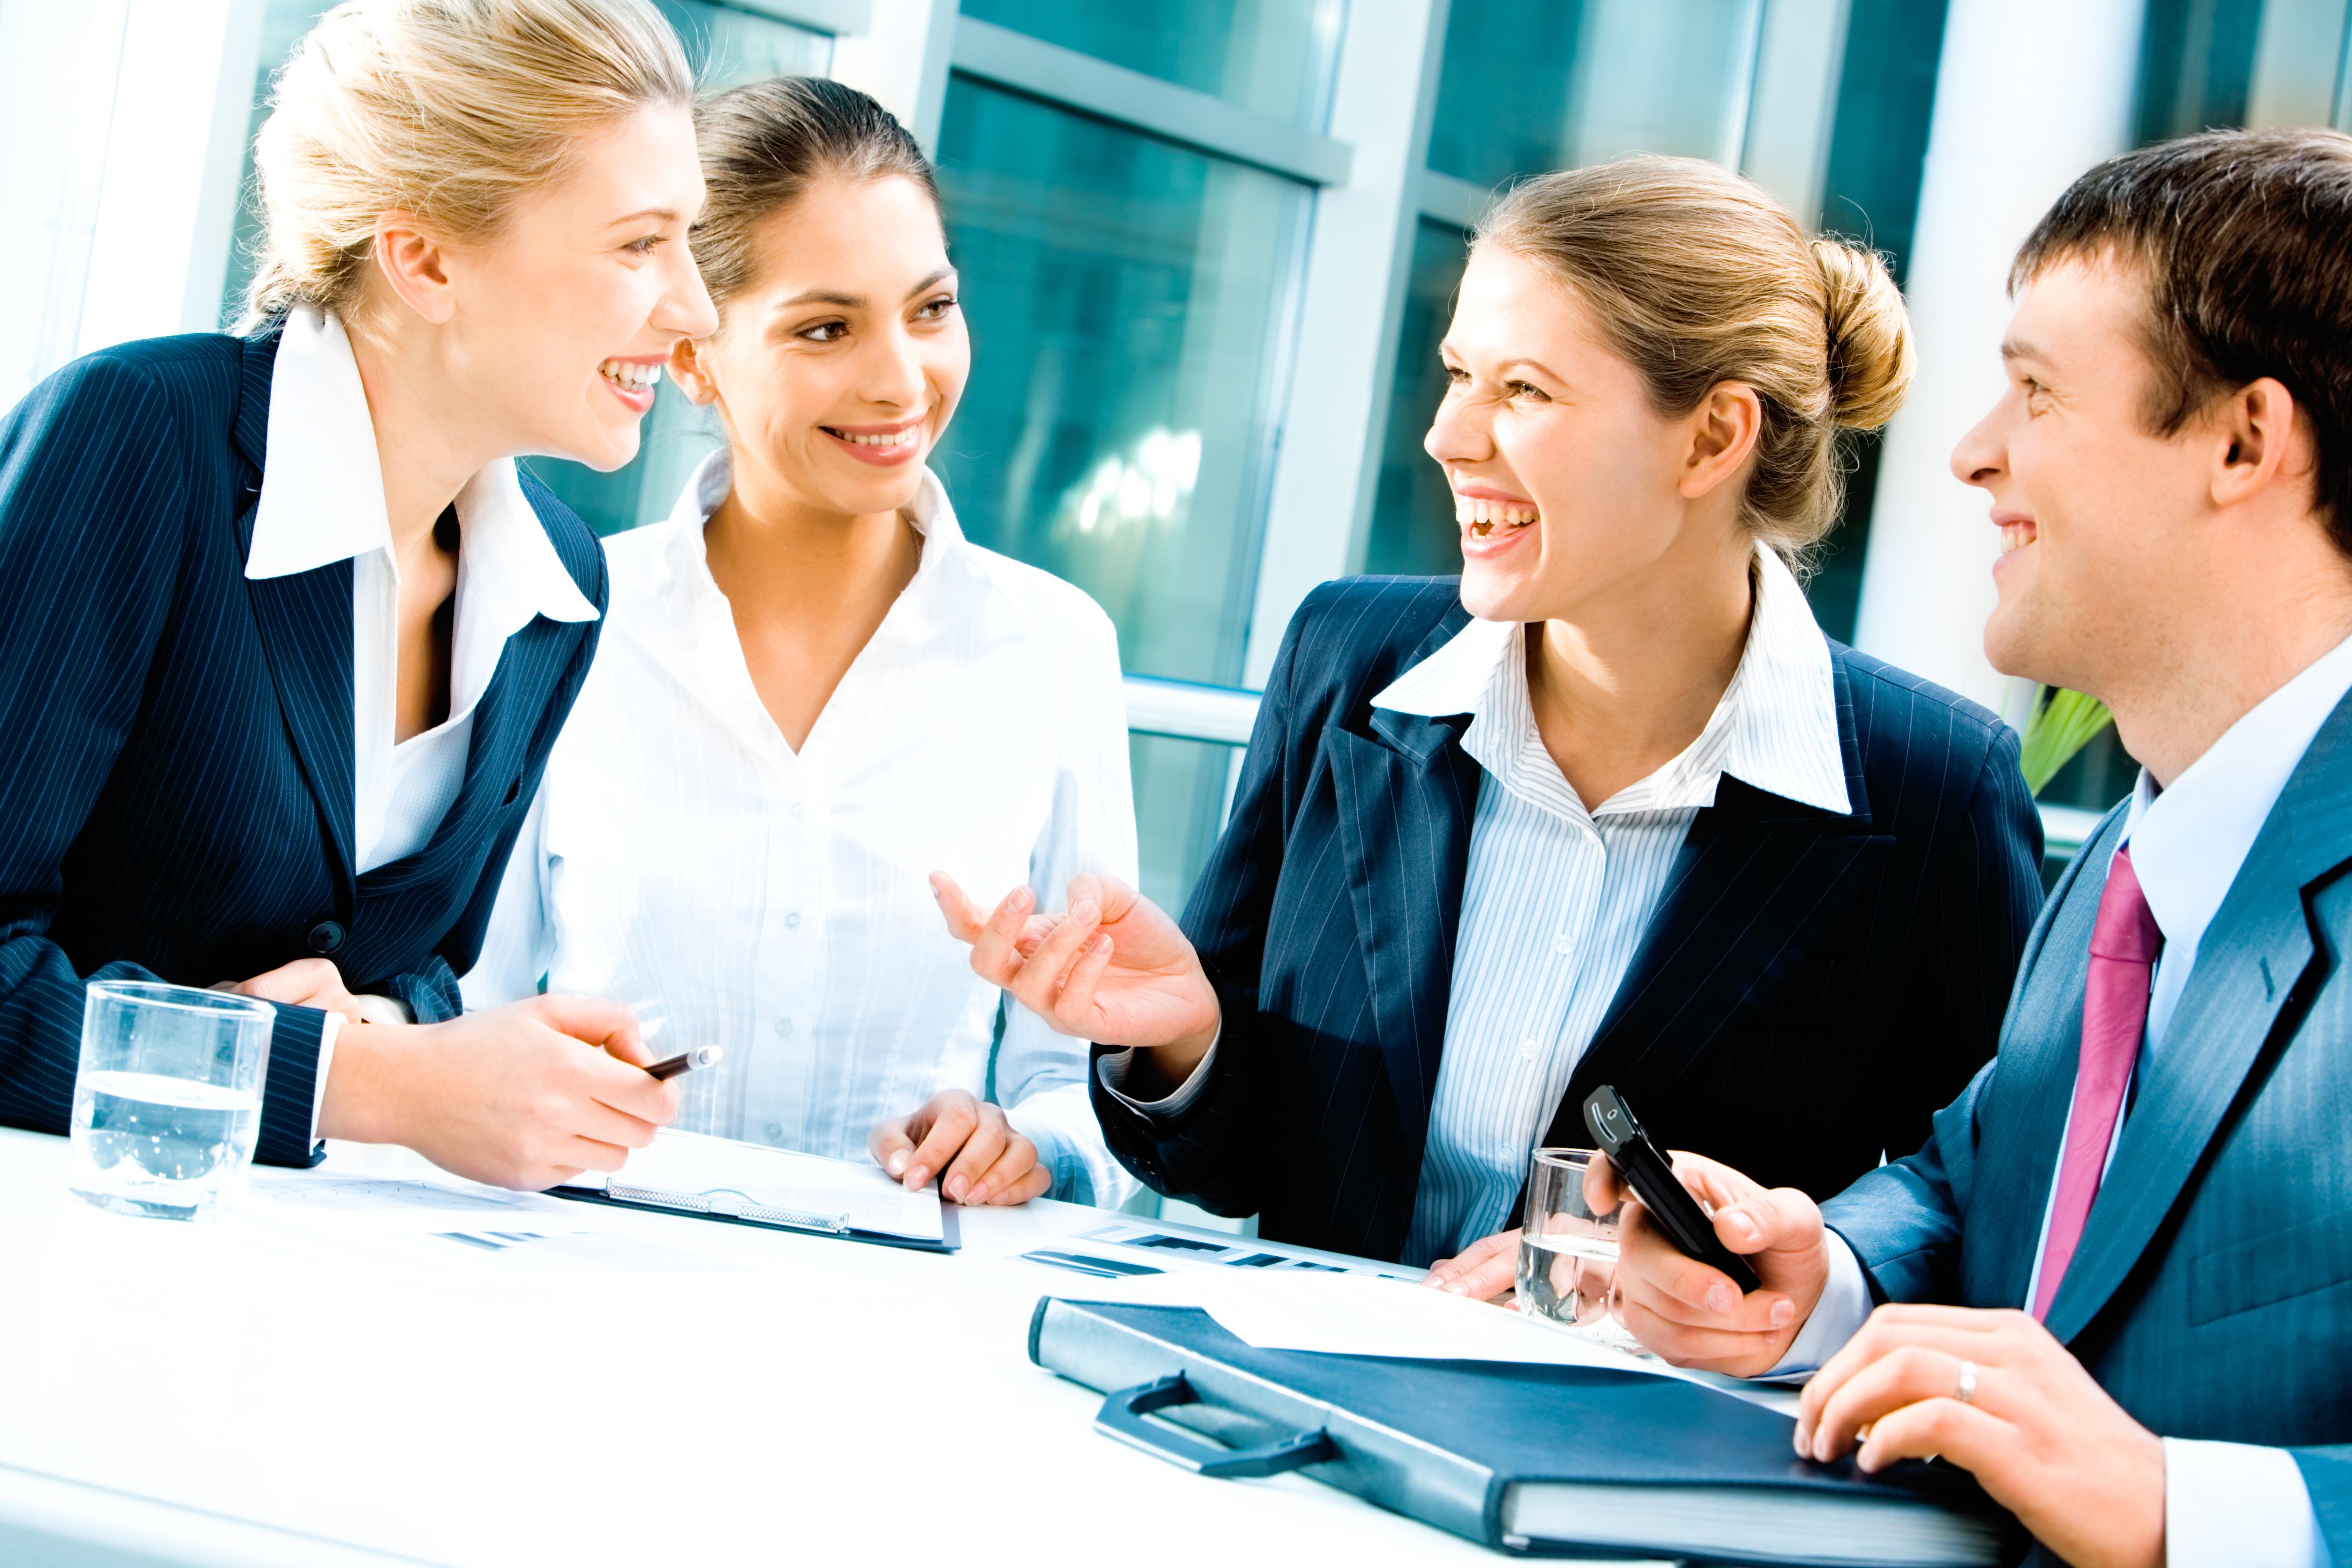 Javni poziv na iskazivanje interesa za odabir prijavitelja za komercijalizaciju inovativnih proizvoda/usluga